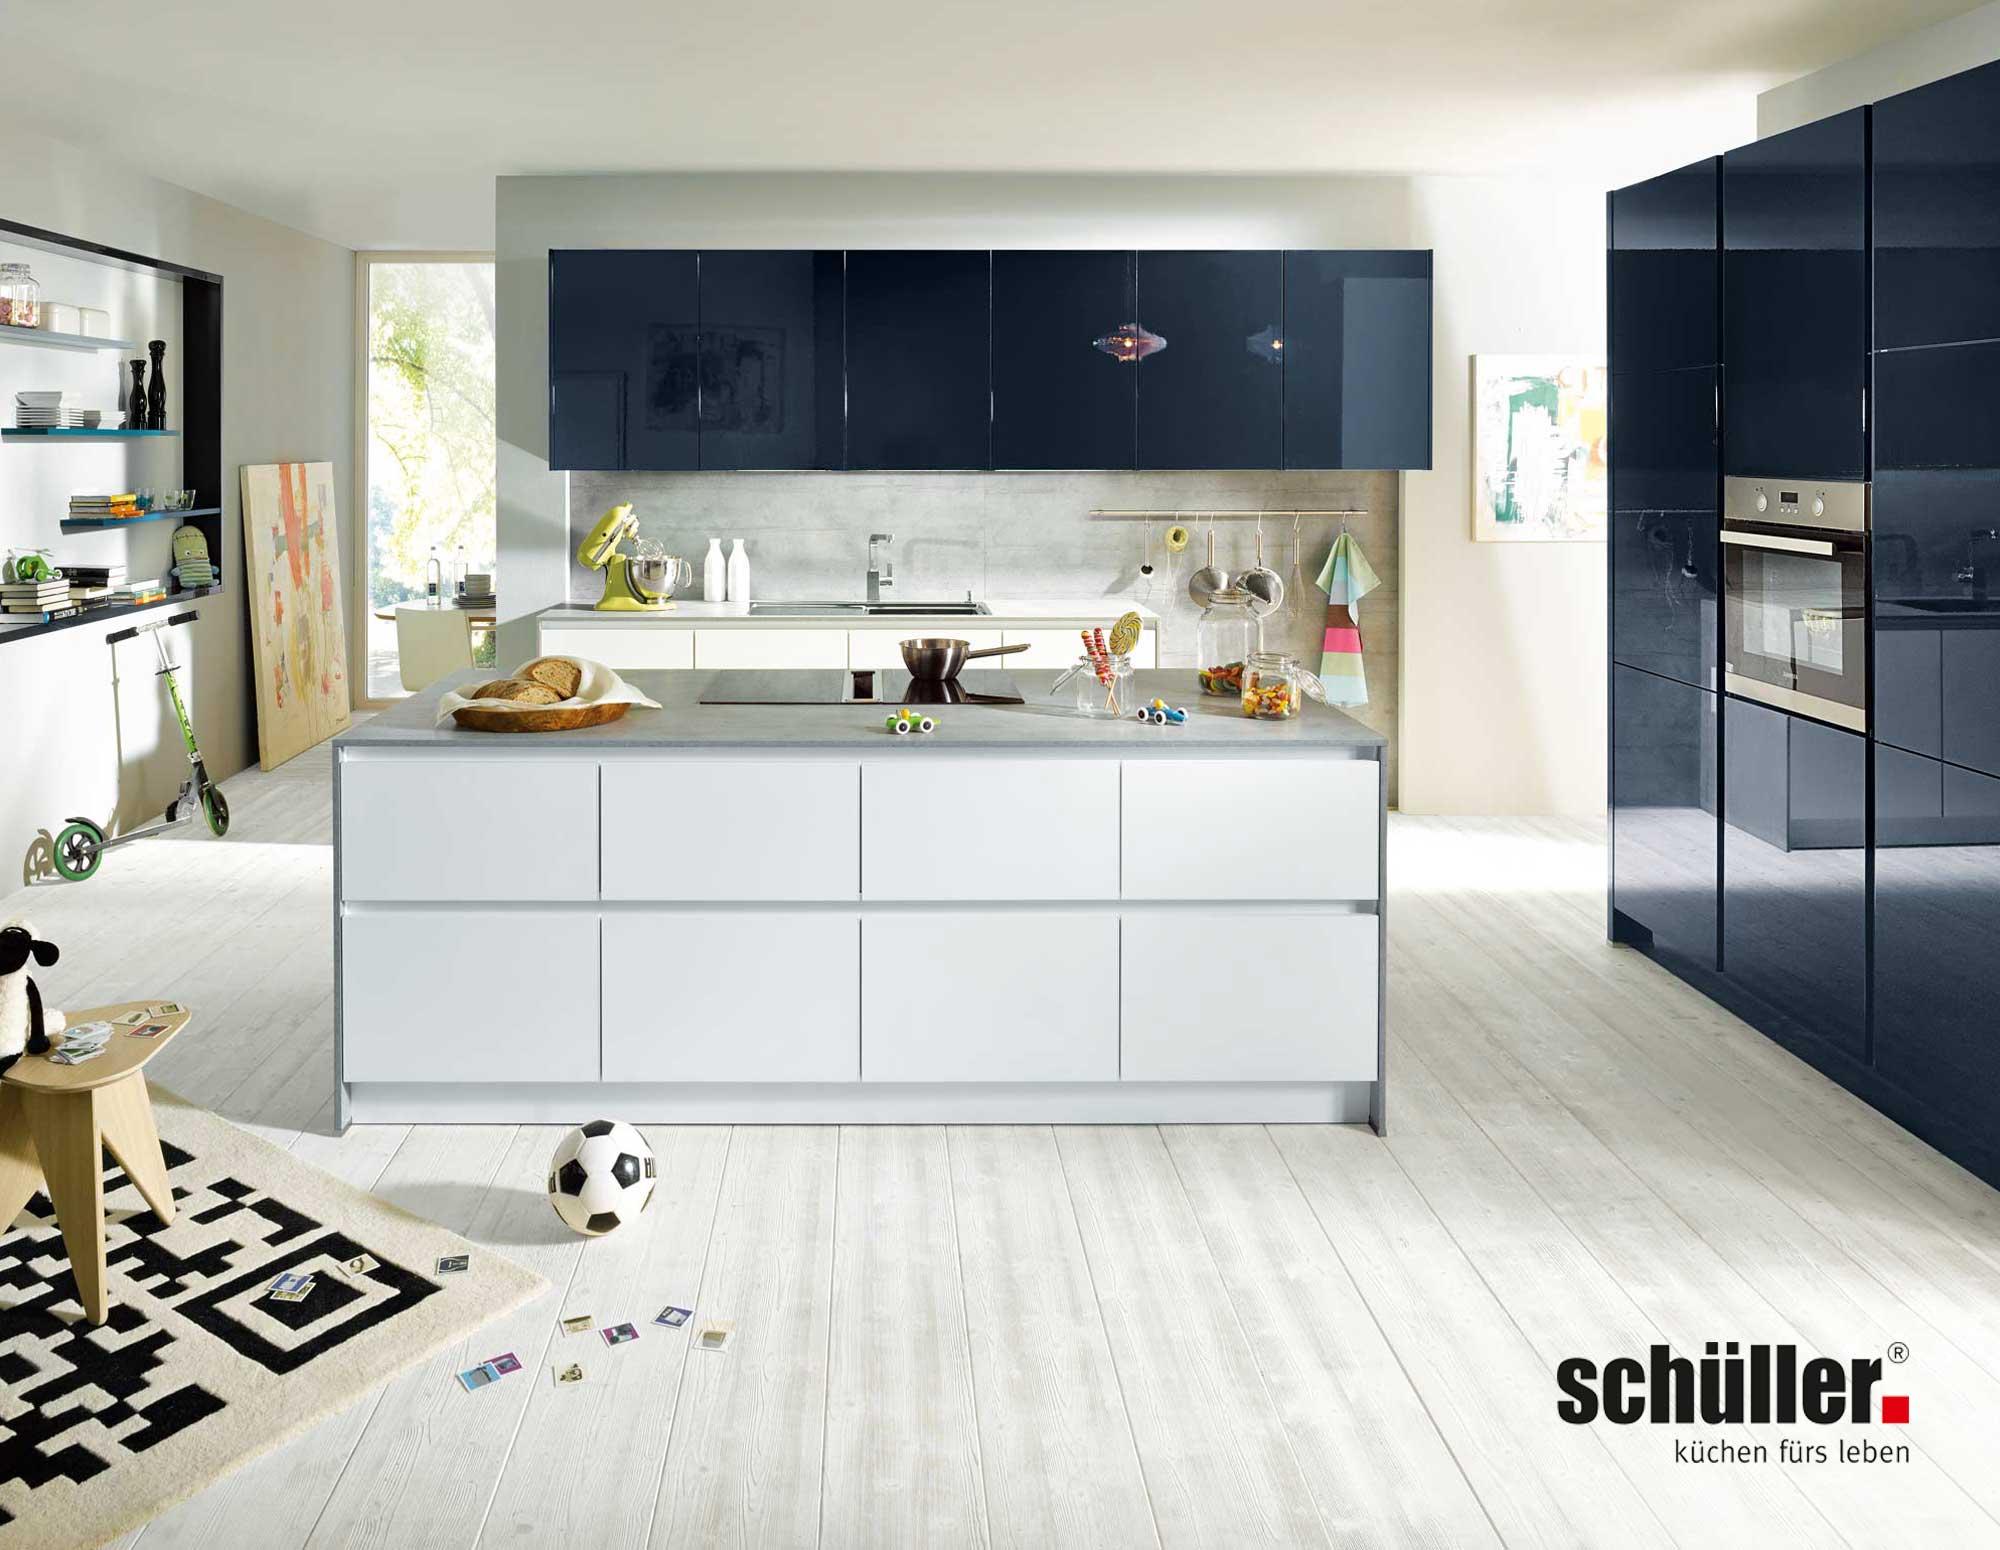 Schüller Glasline Wohnküche in Glas weiß